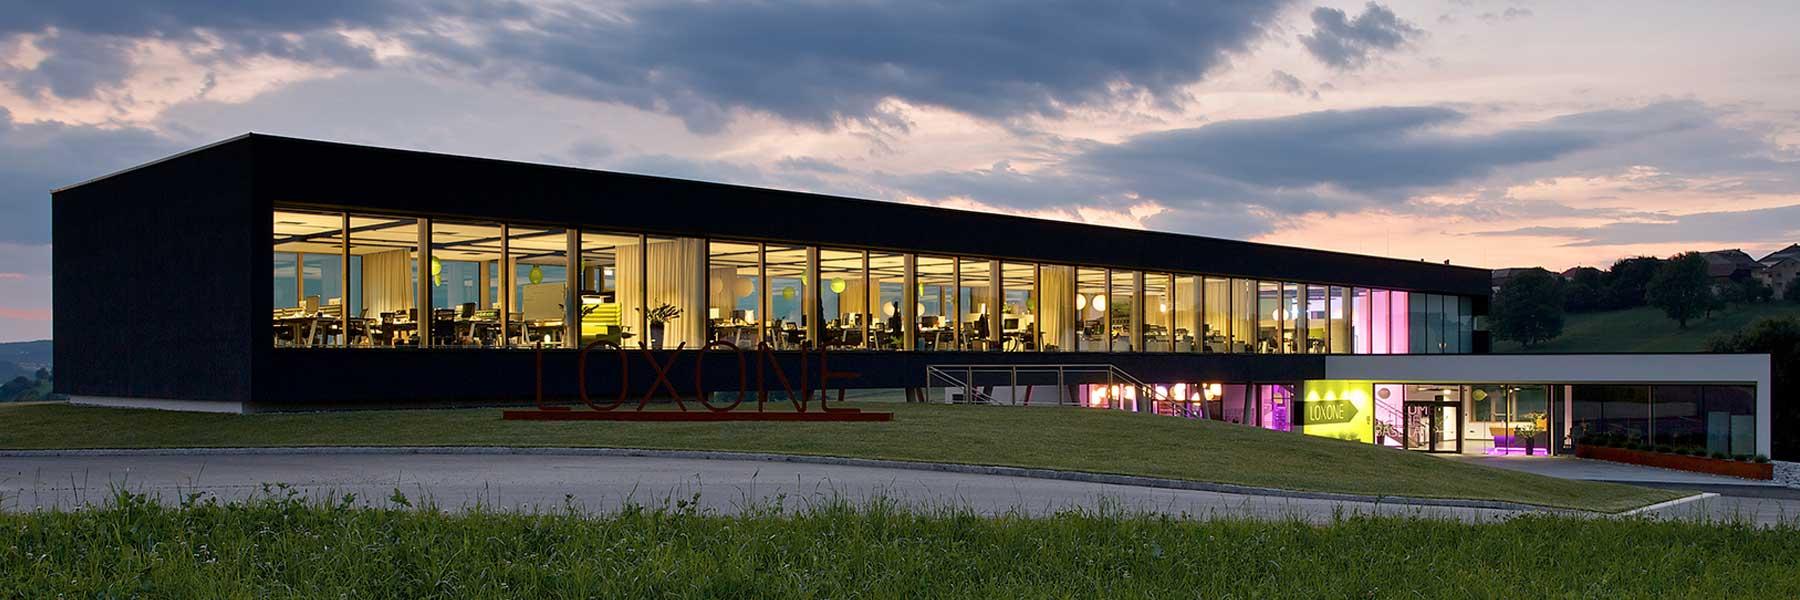 Slider Raico Fritsche Therm+ Alu Aufsatzkonstruktion Holzfassaden Glasfassade Pfosten Tiegel Aufsatzverglasung Holzglasfassade